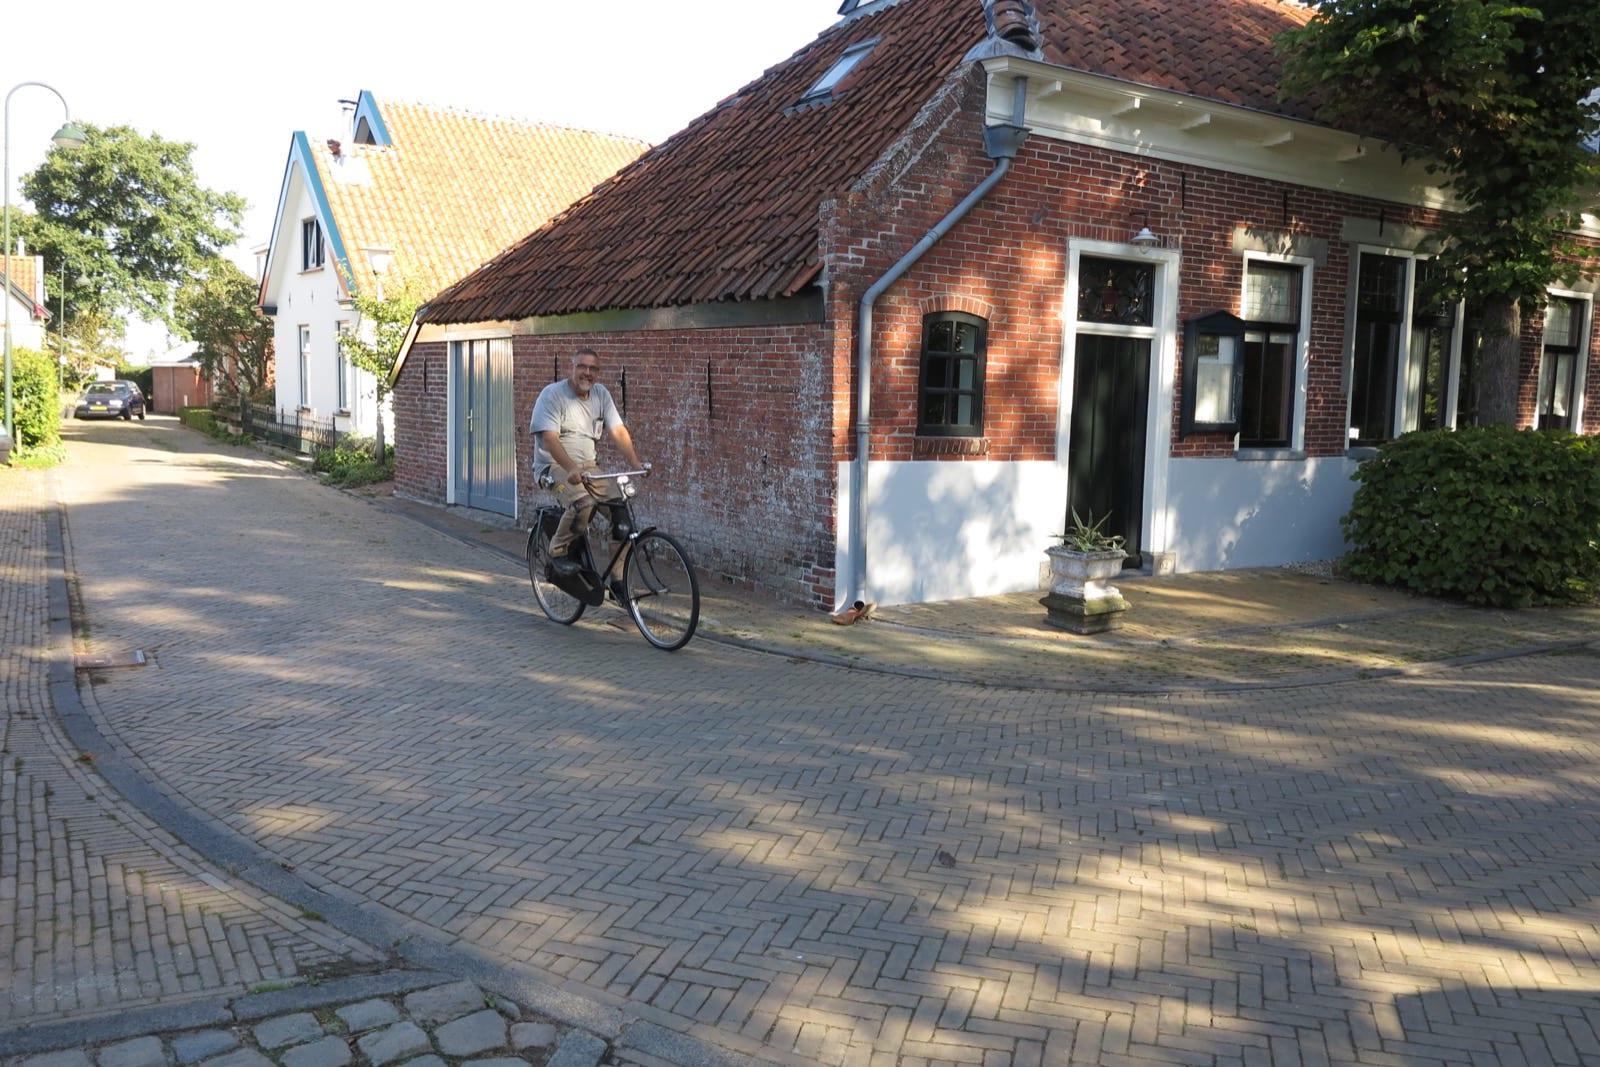 et-fiets-en-fietser-72-appie-ridder-oi.jpg